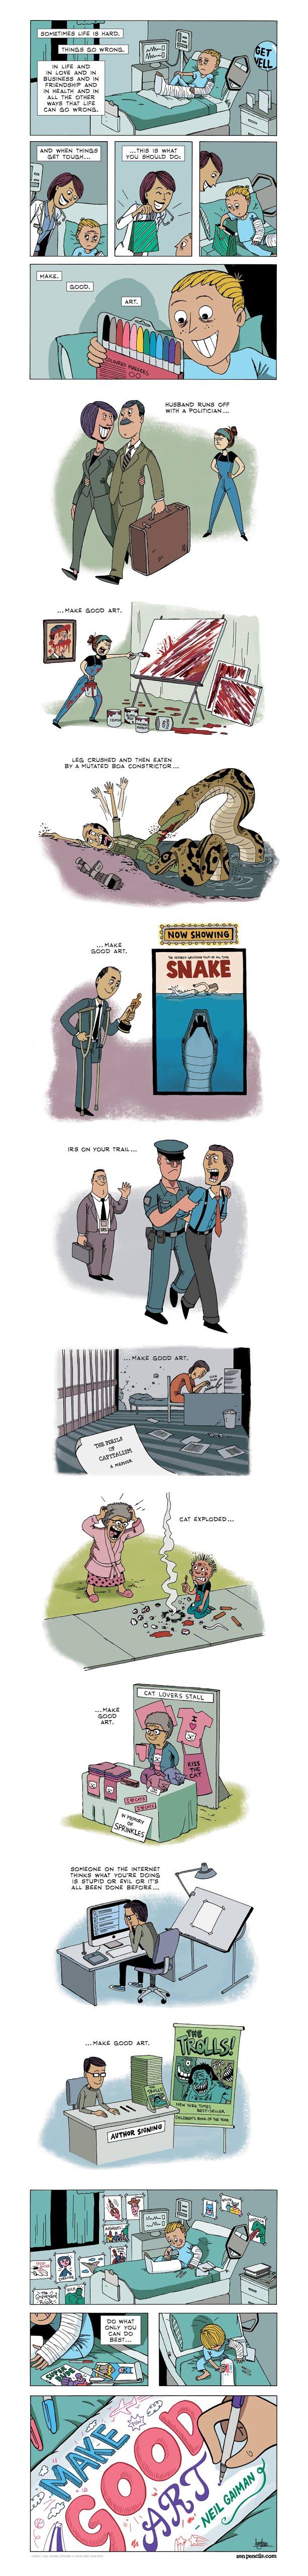 Cansaço psicológico + make good art make good art cartoon